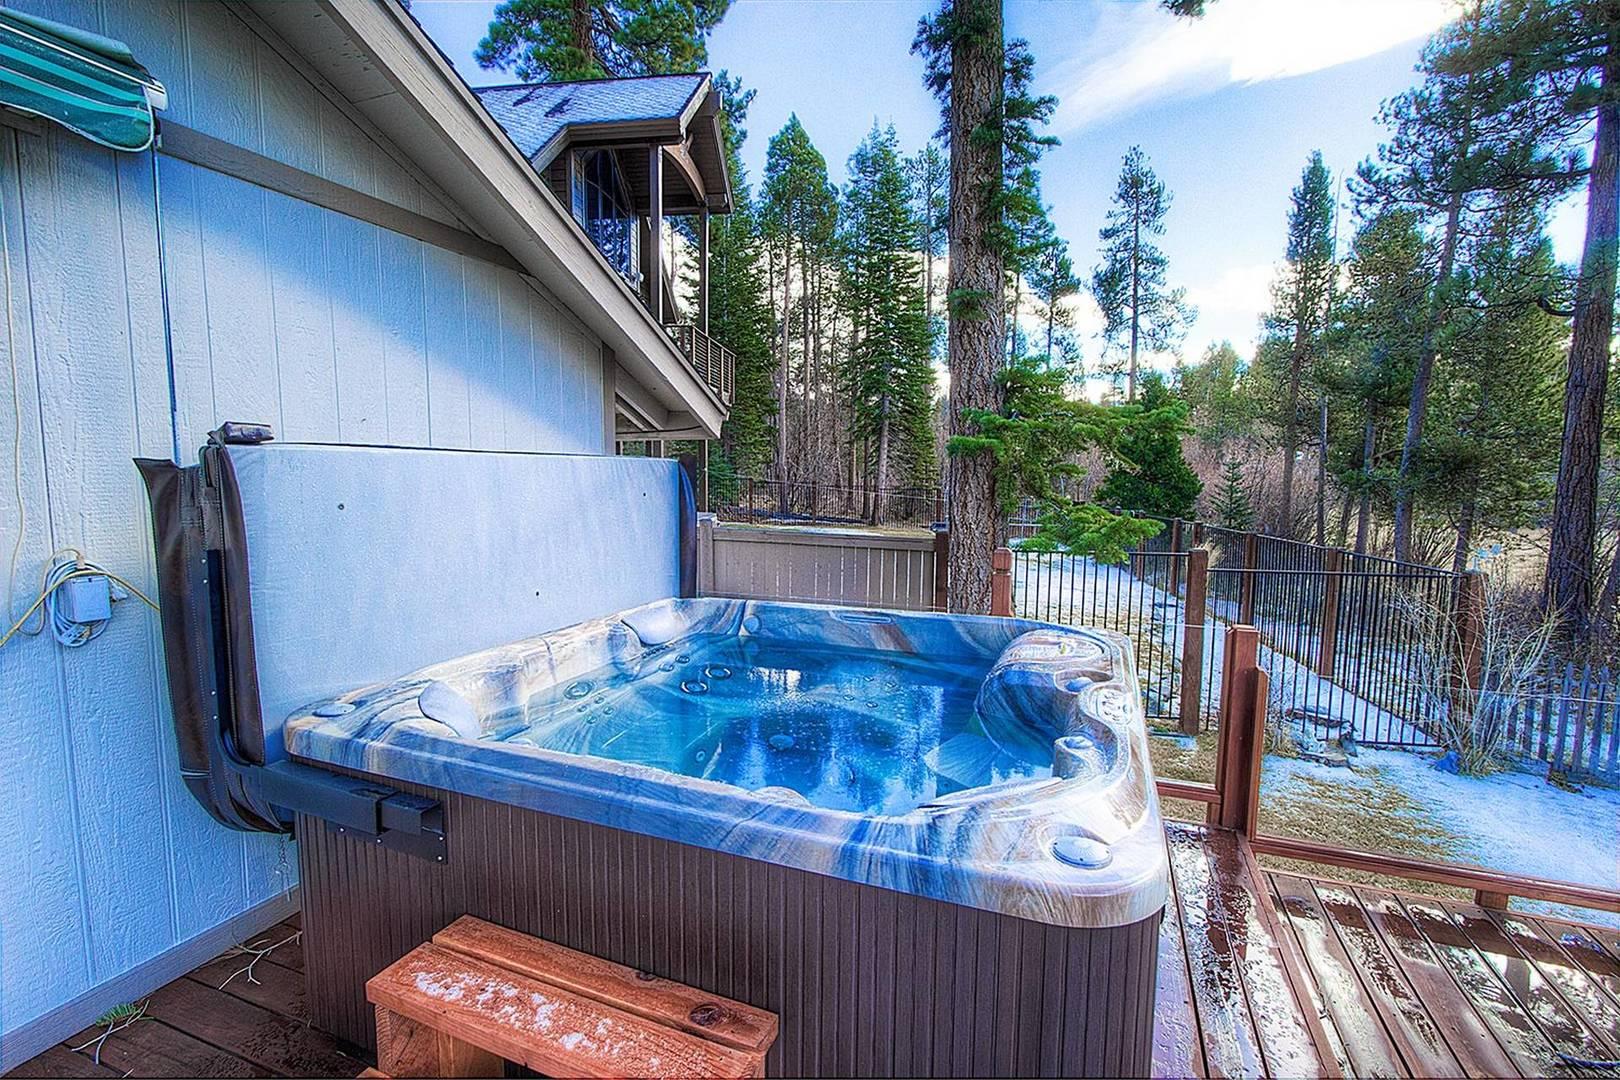 cyh1282 hot tub